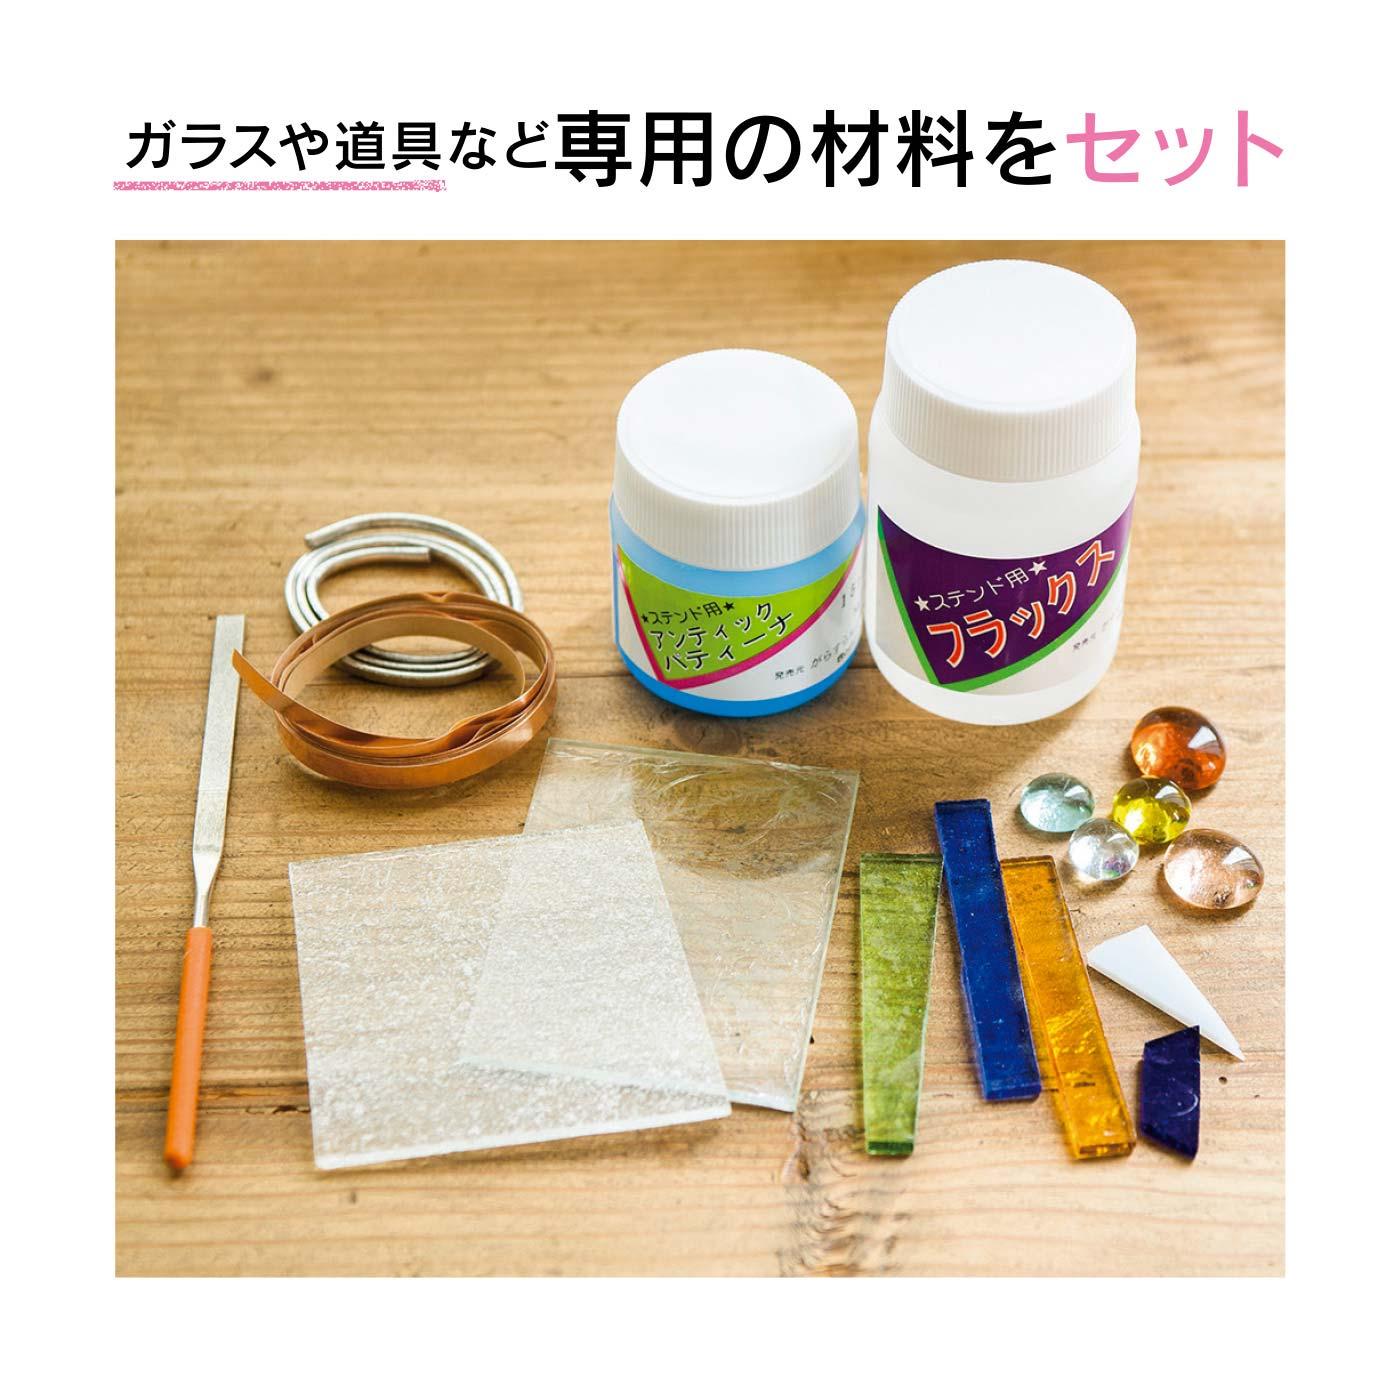 カッパーテープ、はんだ、薬剤など本格的なステンドグラス専用の材料がそろいます。